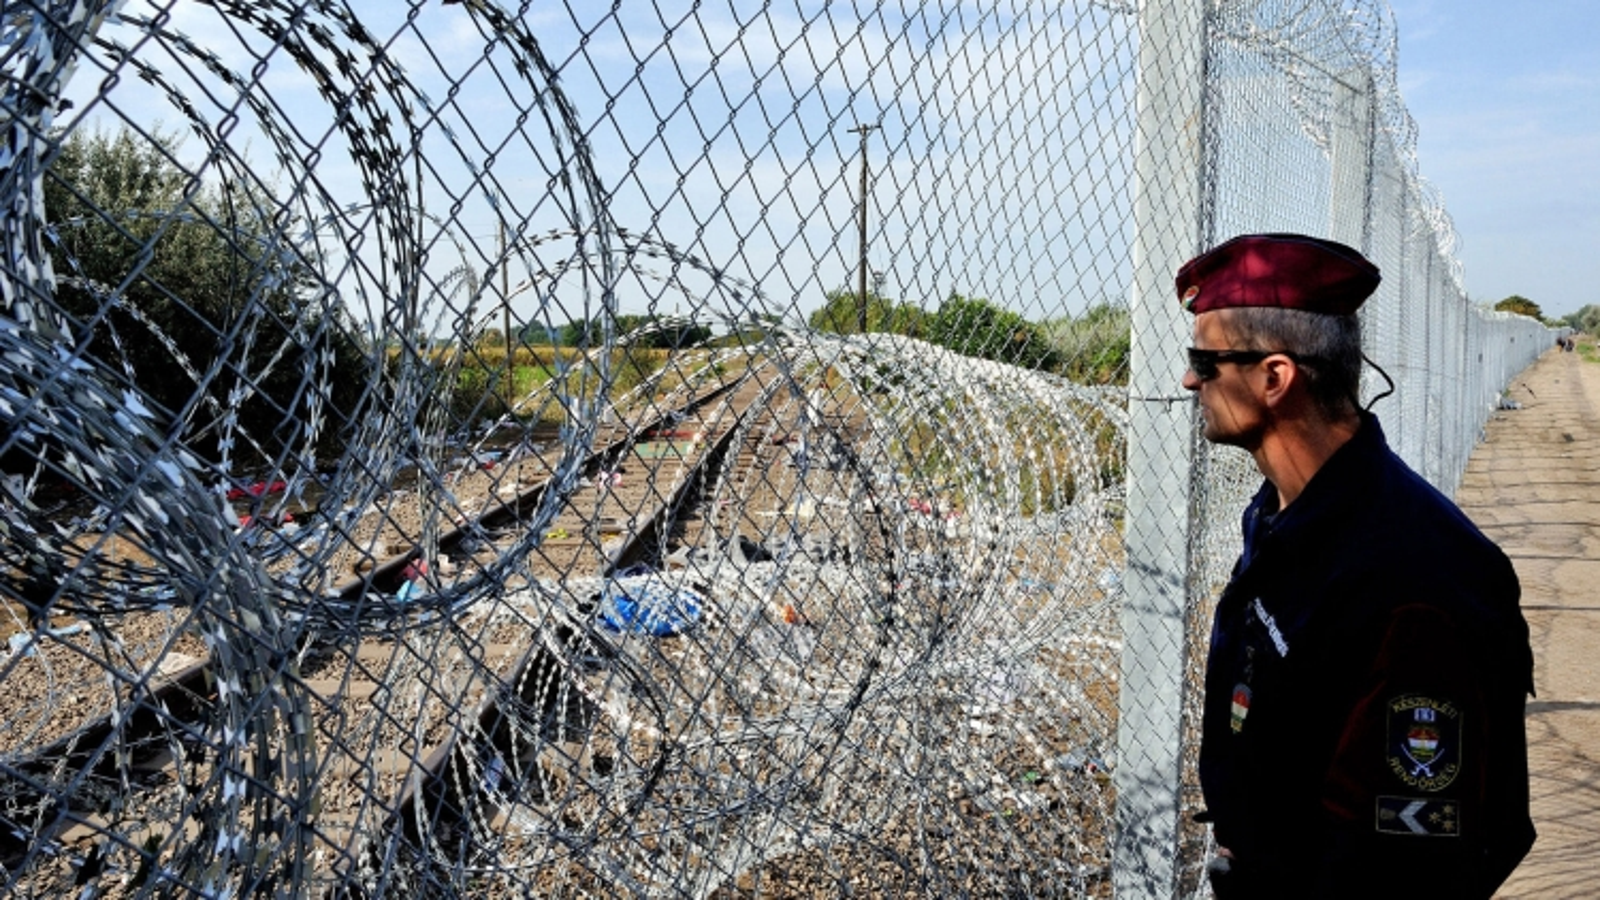 Ủy ban châu Âukiện Hungary vi phạm các quy tắc về việc xin tị nạn